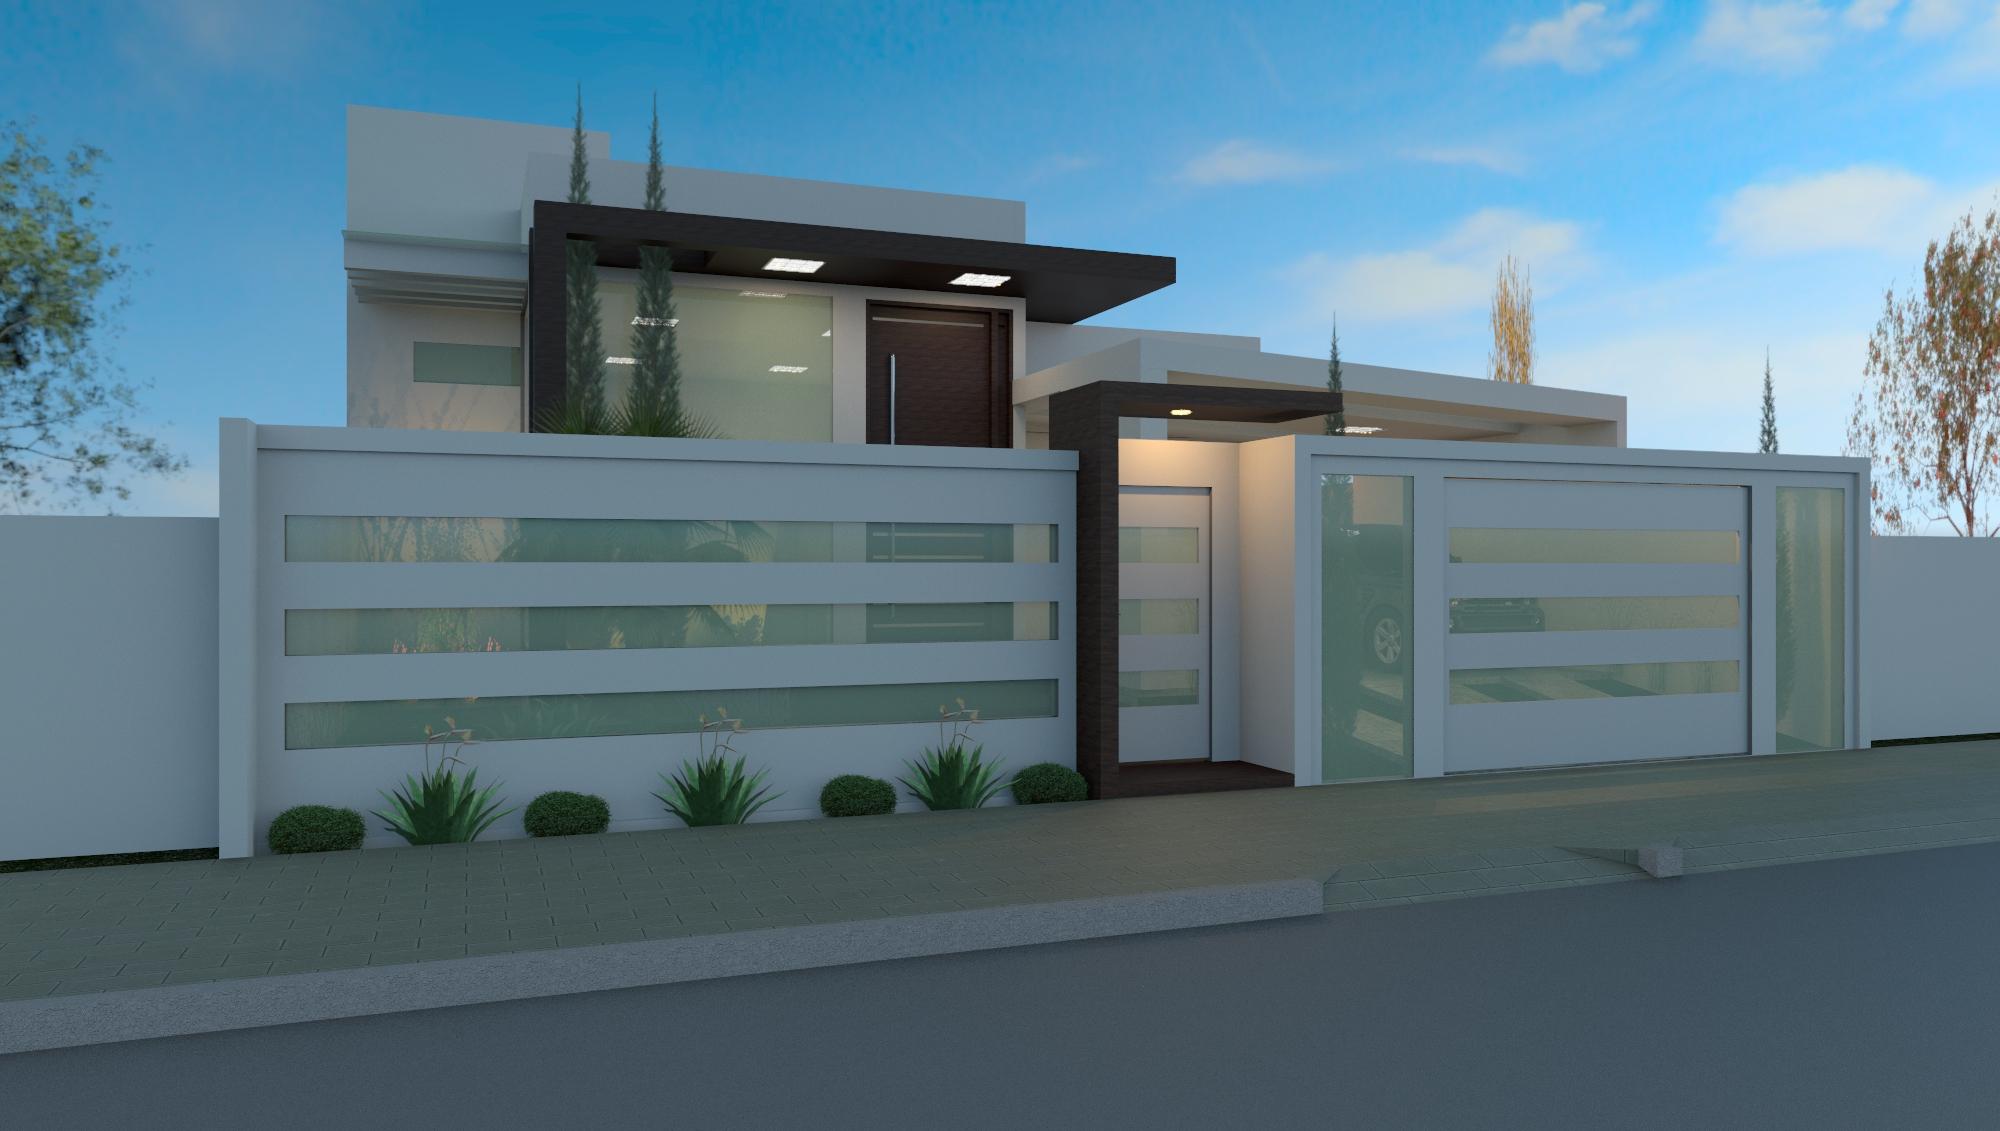 Modelos de muros 2018 30 modelos incr veis para voc for Modelos de techos metalicos para casas